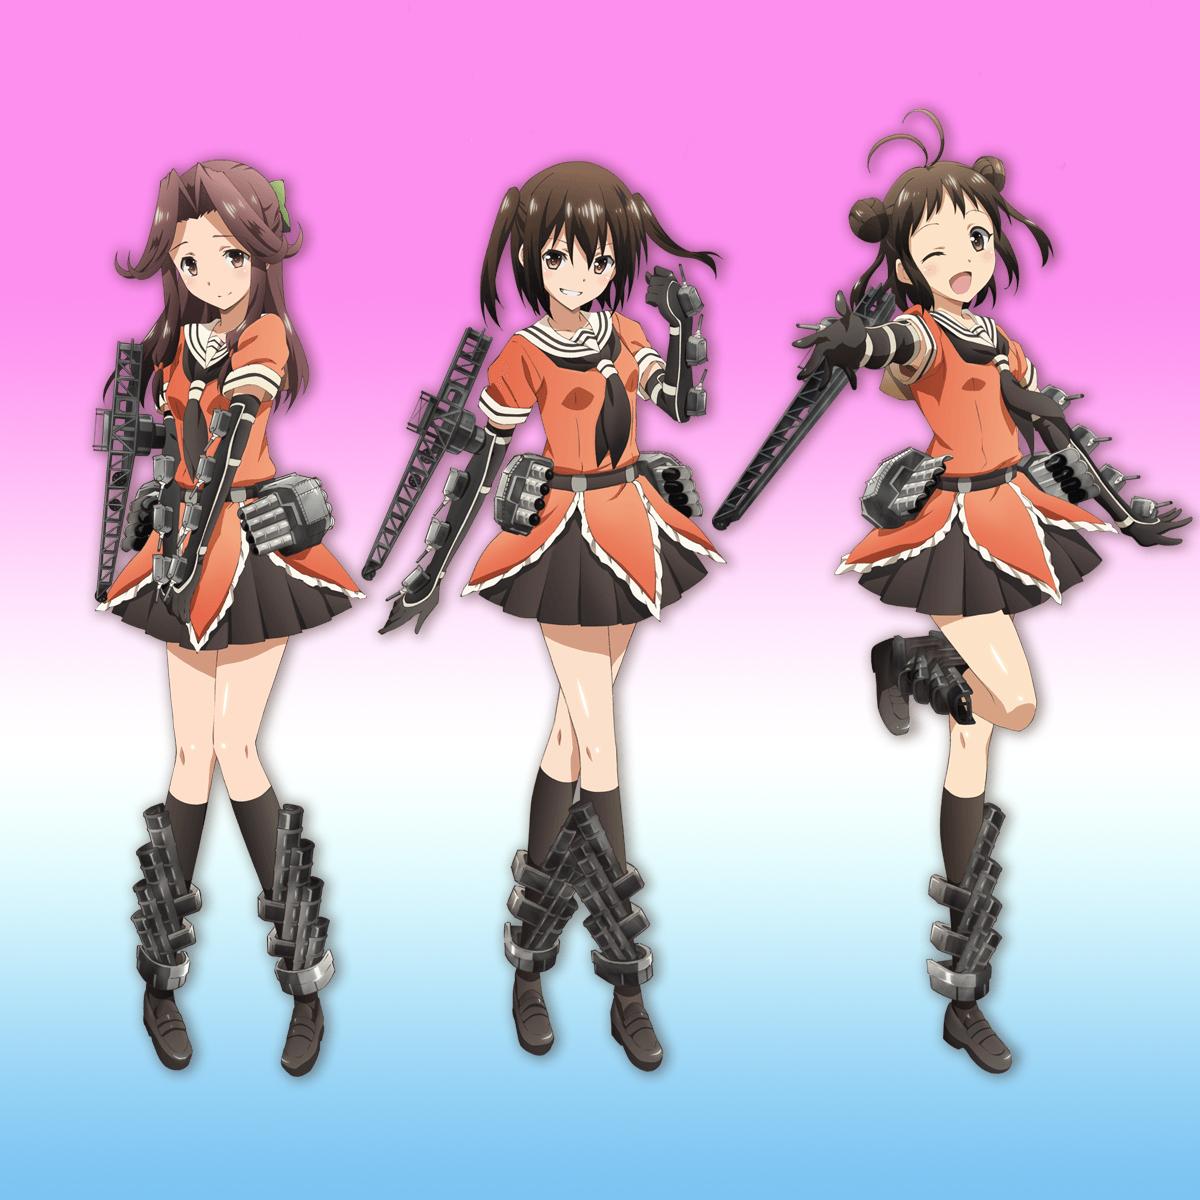 川内型三姉妹アニメビジュアル